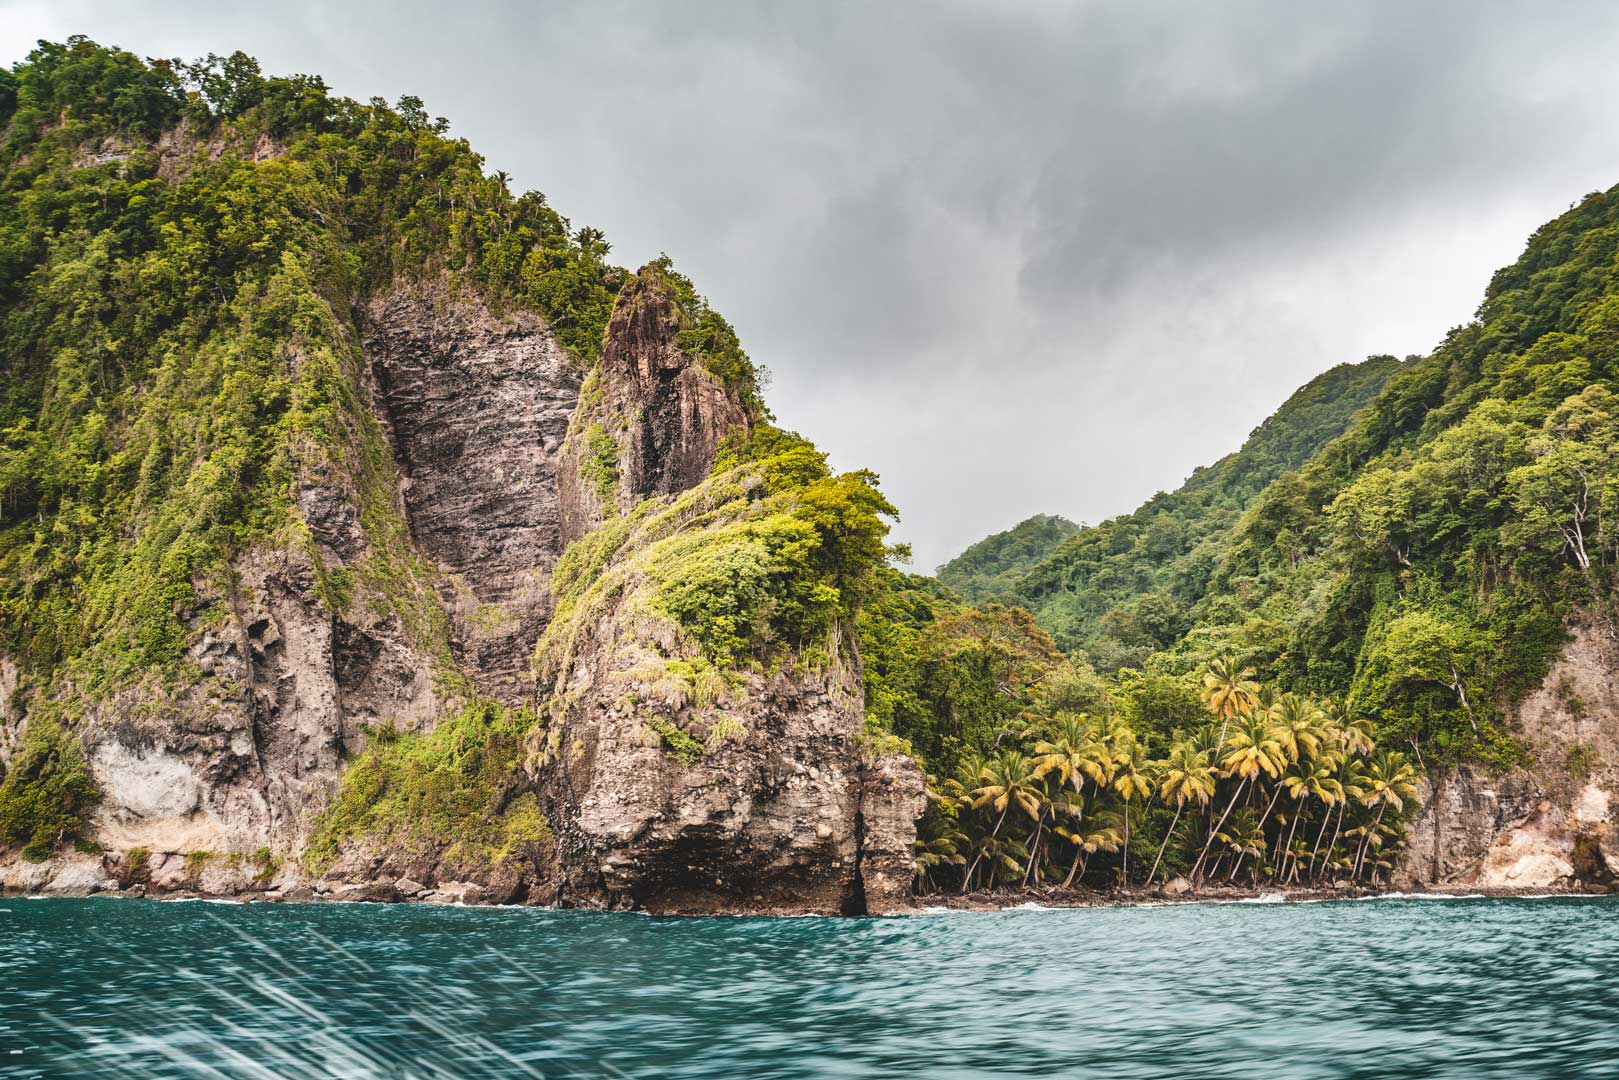 La forêt tropicale, depuis la côte